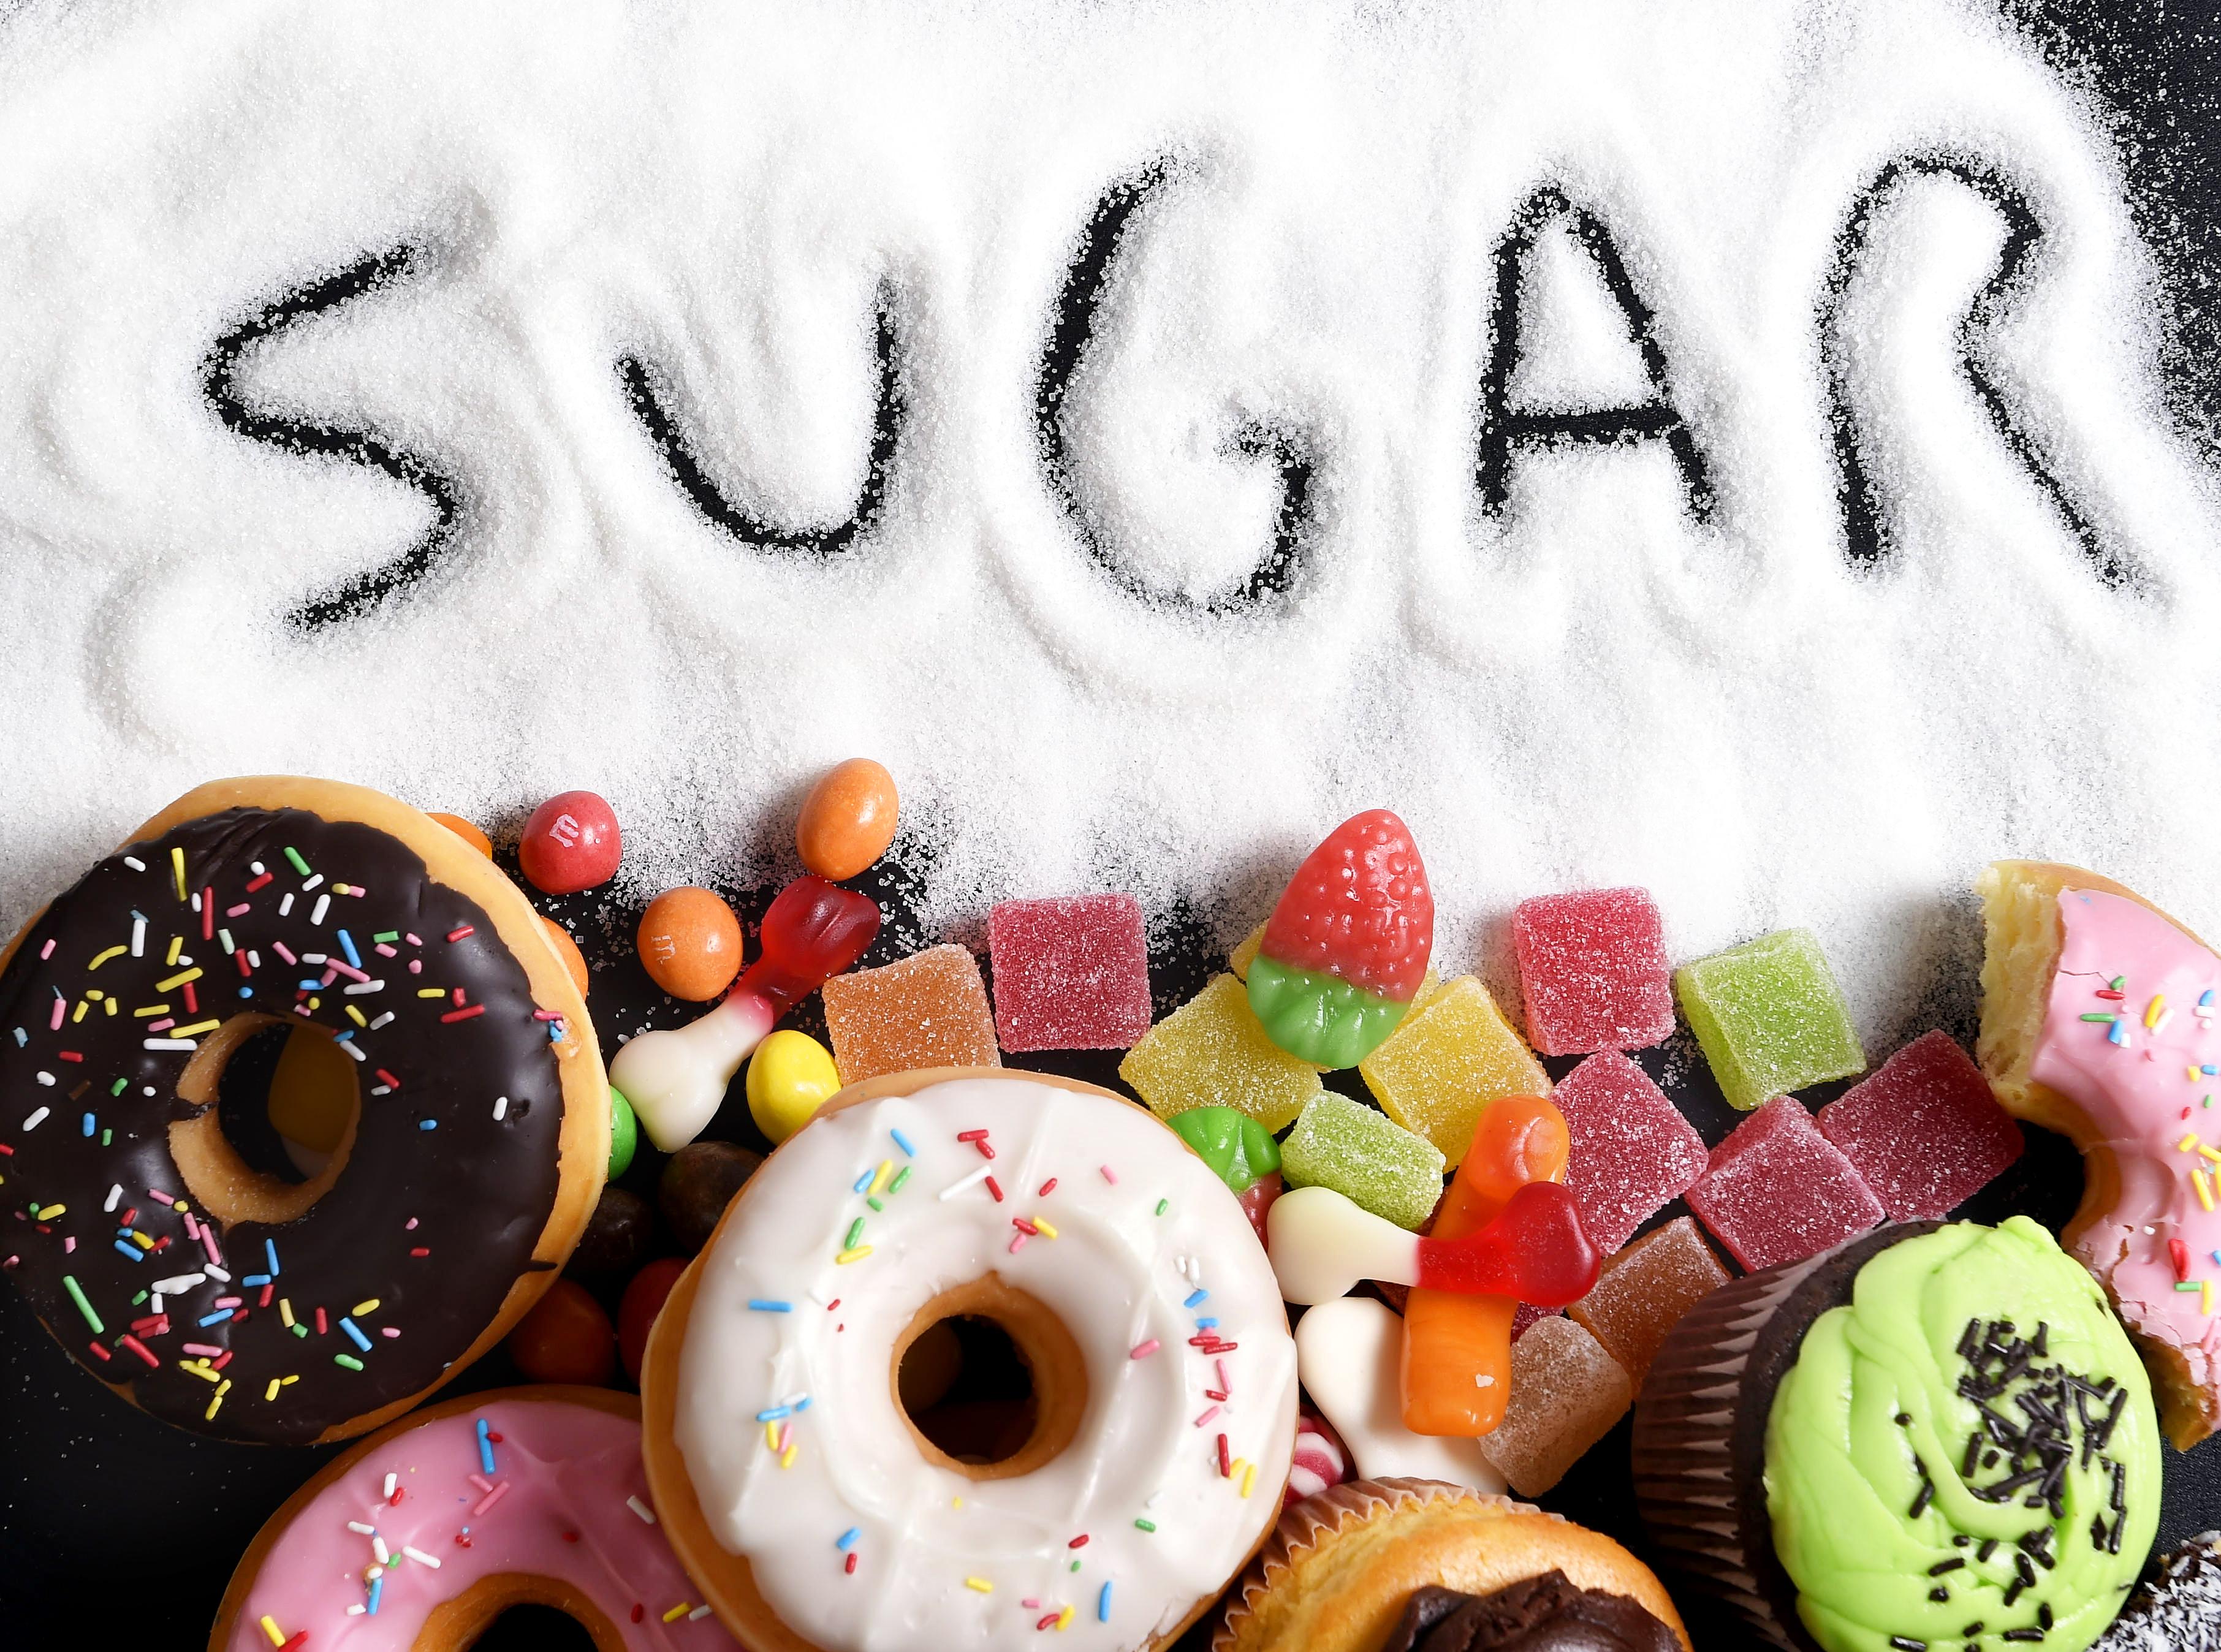 3 hal yang harus dilakukan setelah konsumsi banyak 'gula'